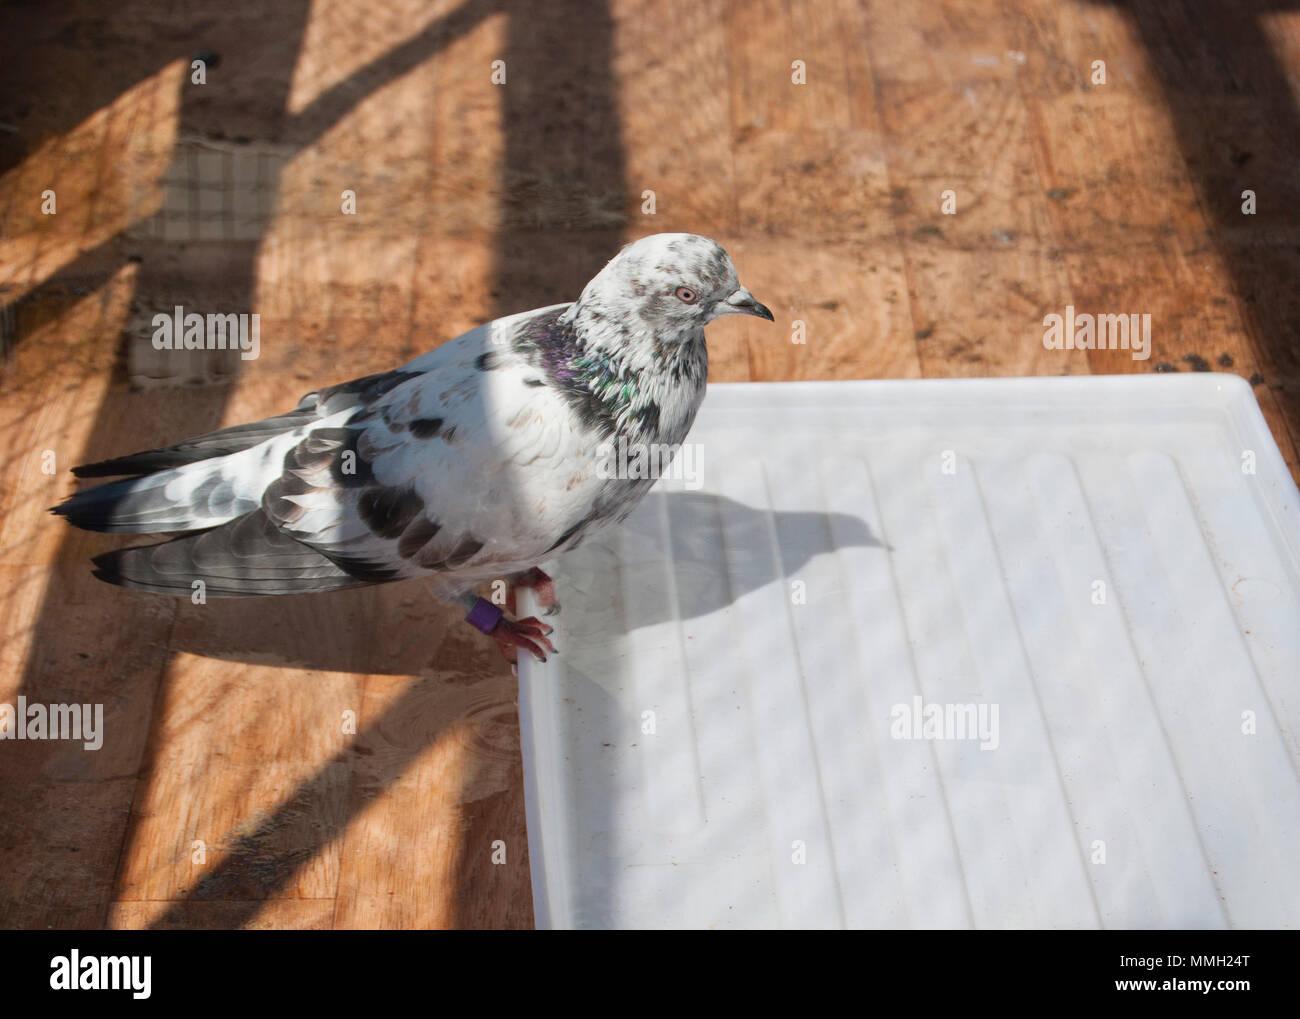 Vasca Da Bagno In Inglese : In casa a chiazze di razza piccione inglese tippler seduto sul bordo